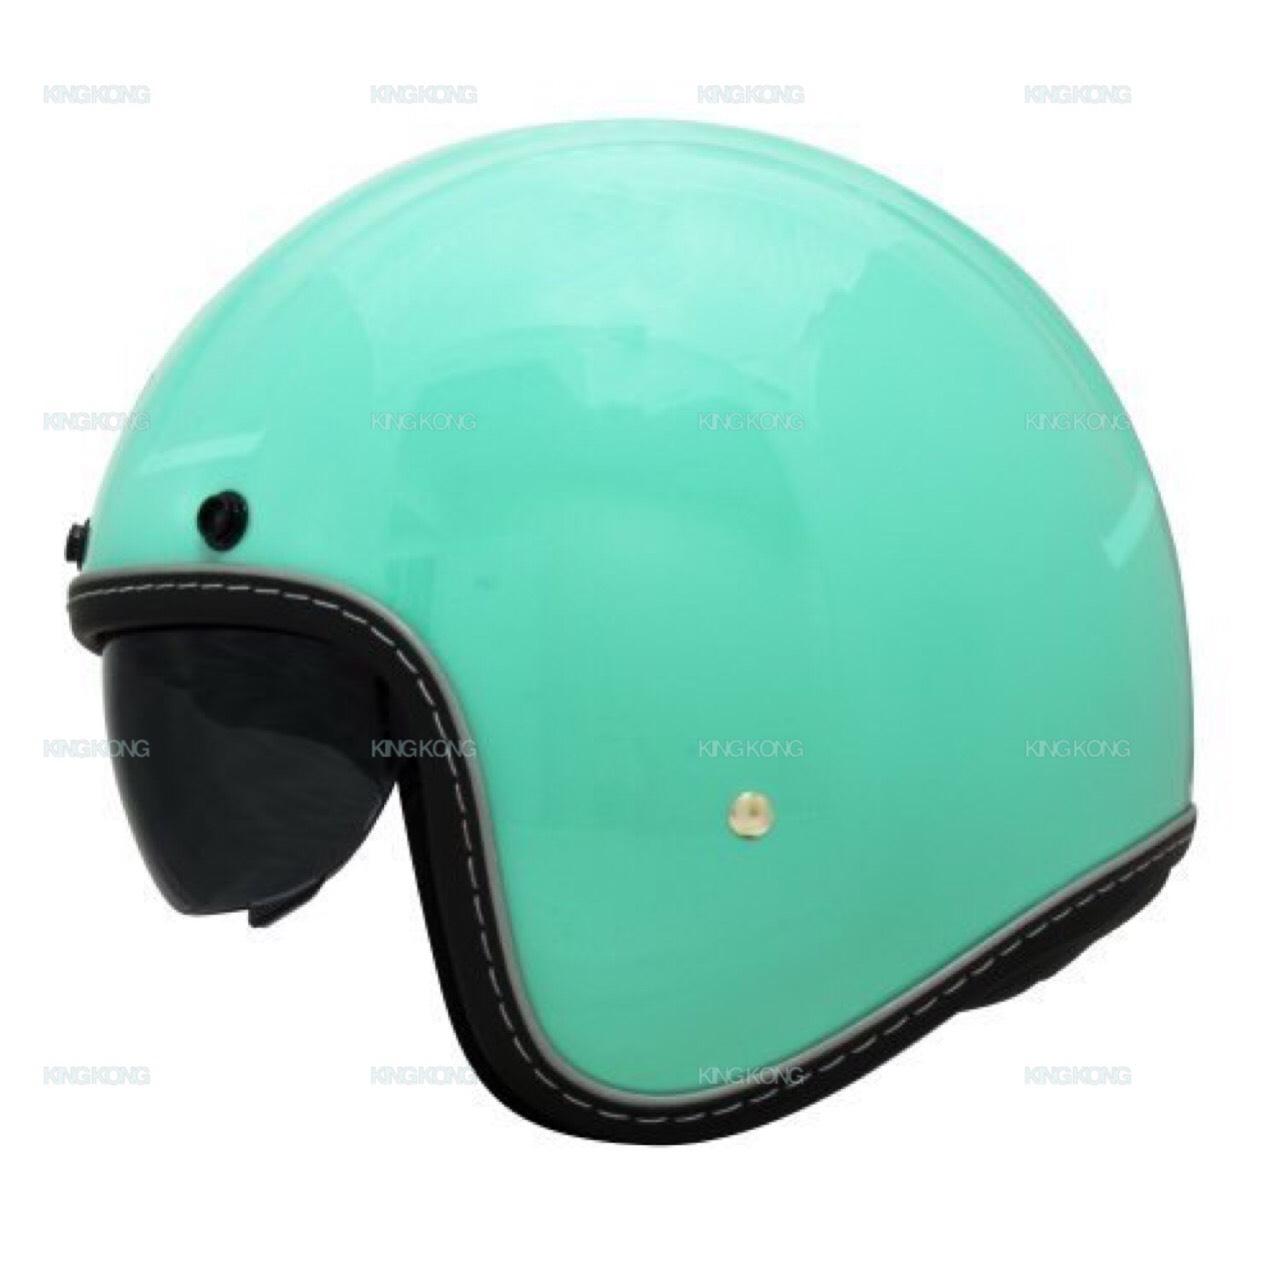 【金剛安全帽】(買一送一 買就送鏡片)THH-T300 騎士帽內藏墨鏡 哈雷/偉士牌/Gogoro/復古帽/3M反光條